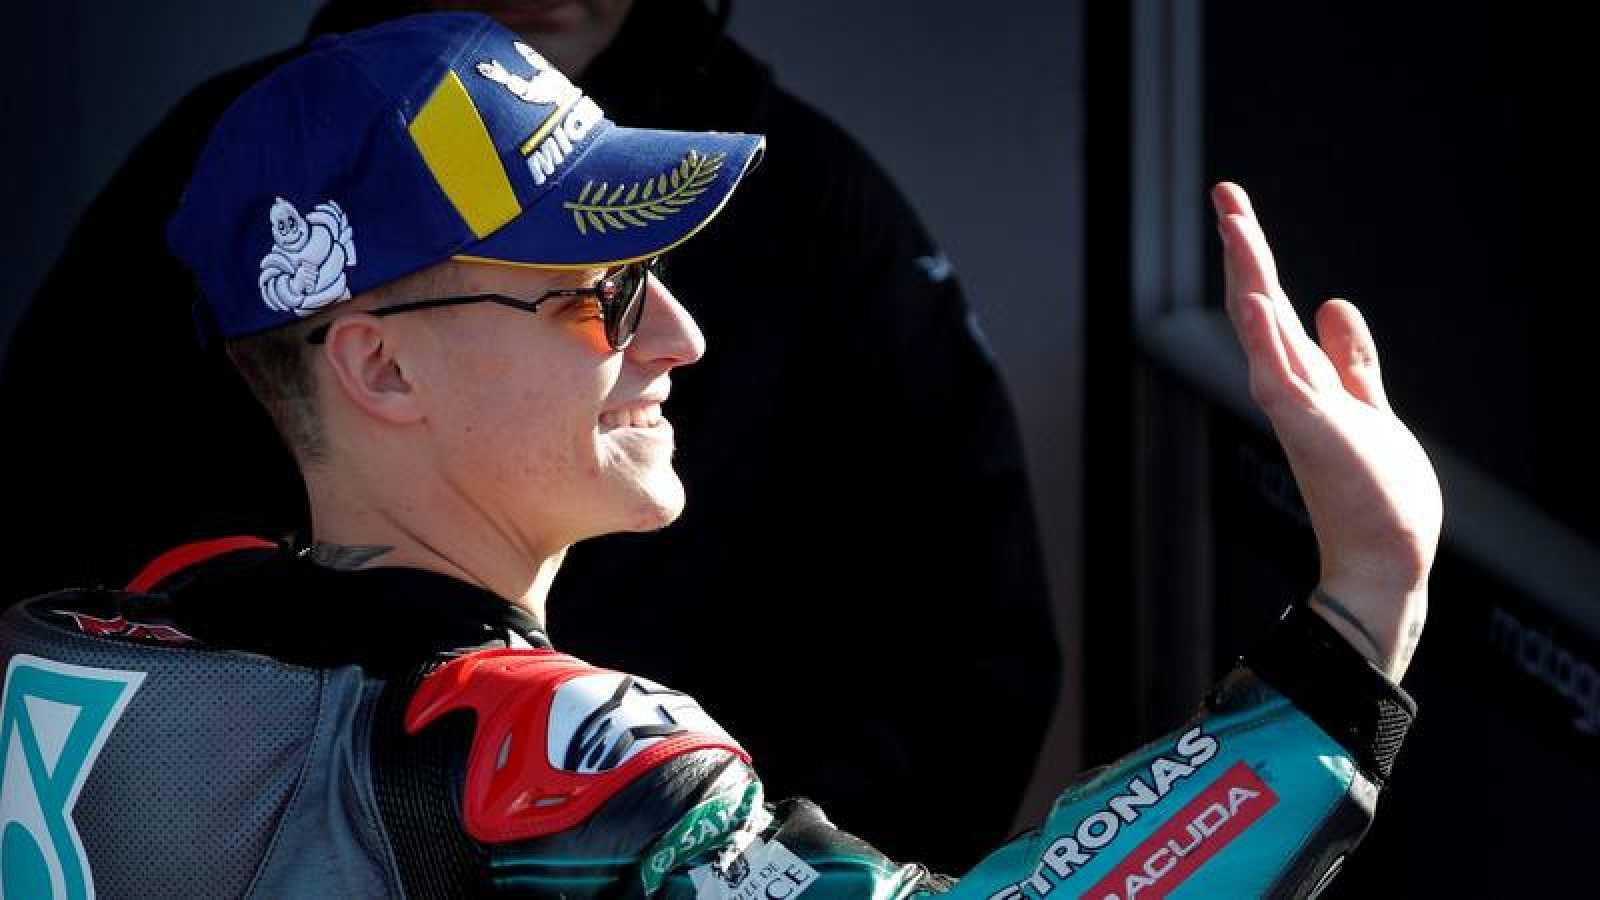 El piloto francés de MotoGP Fabio Quartararo durante el pasado Gran Premio de la Comunidad Valenciana.